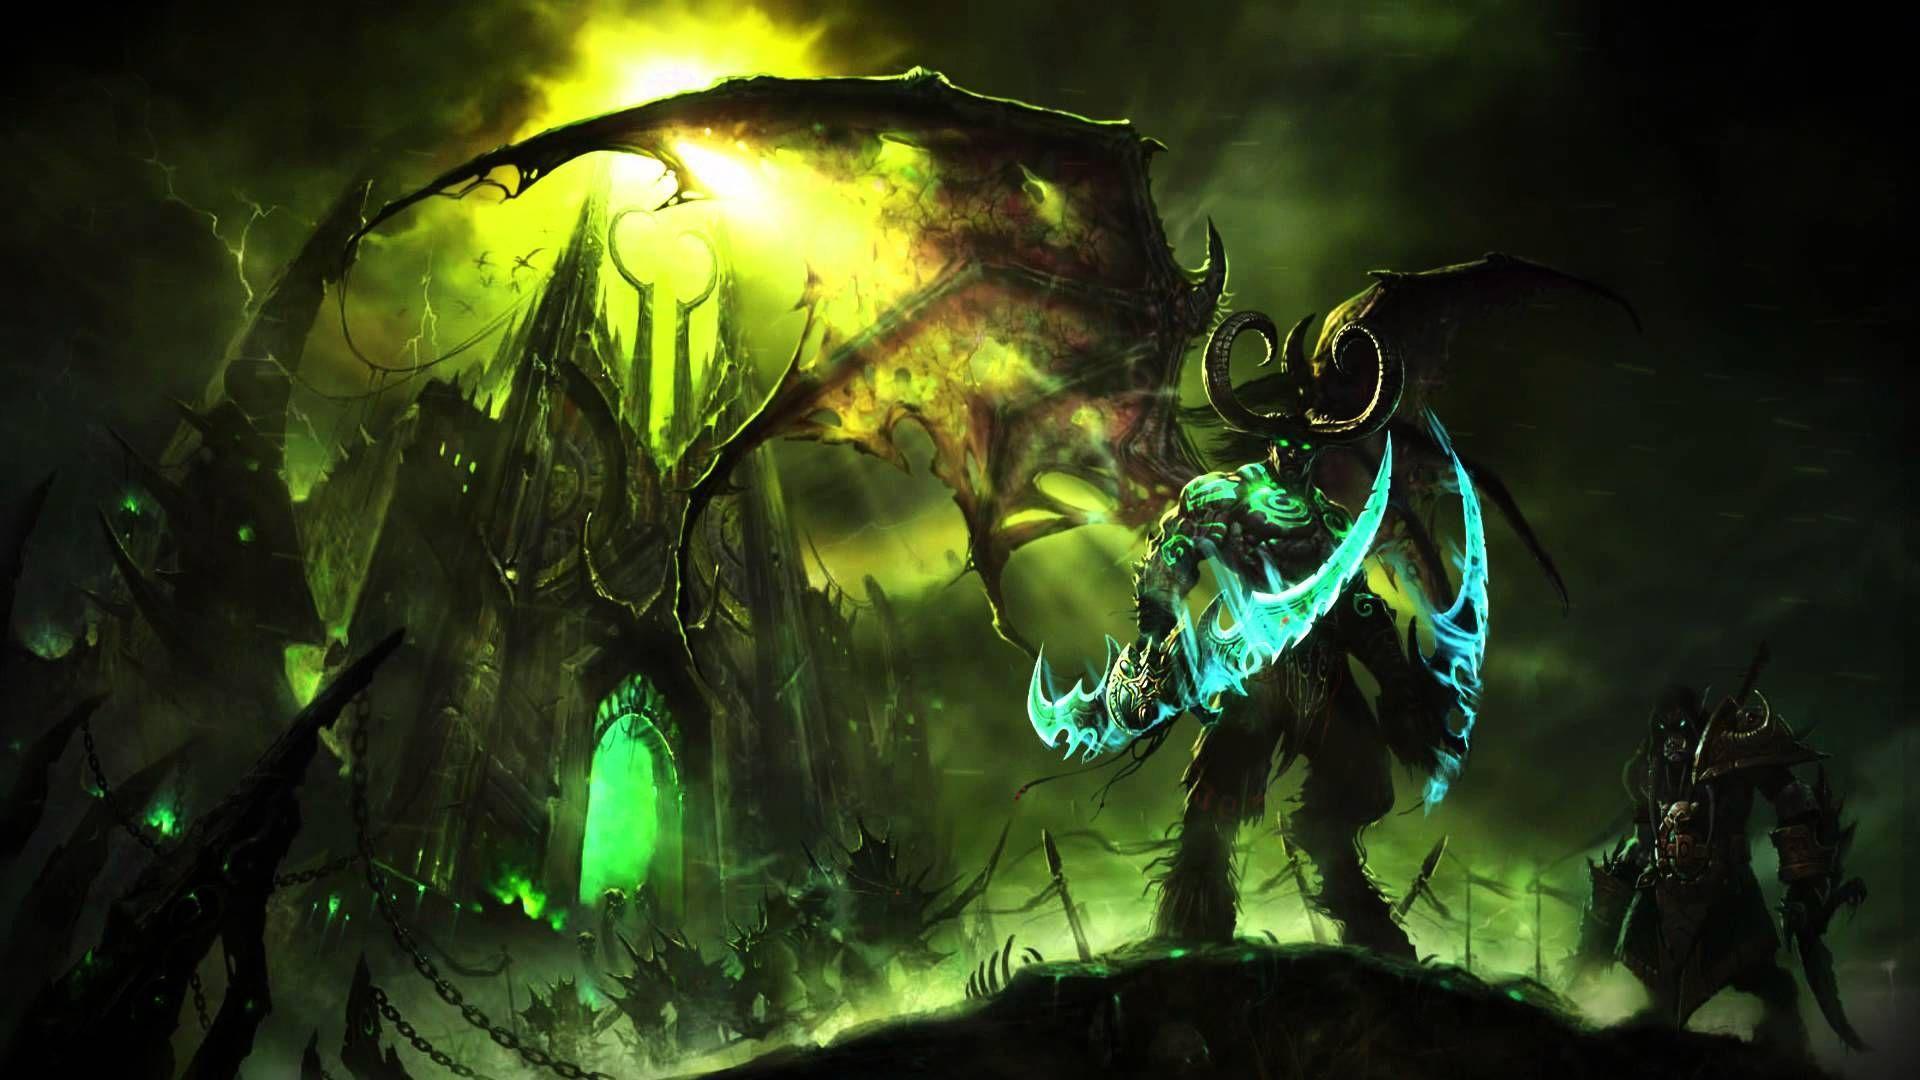 World Warcraft Legion Wallpaper 22 Jpg 1920 1080 World Of Warcraft Wallpaper World Of Warcraft Legion World Of Warcraft